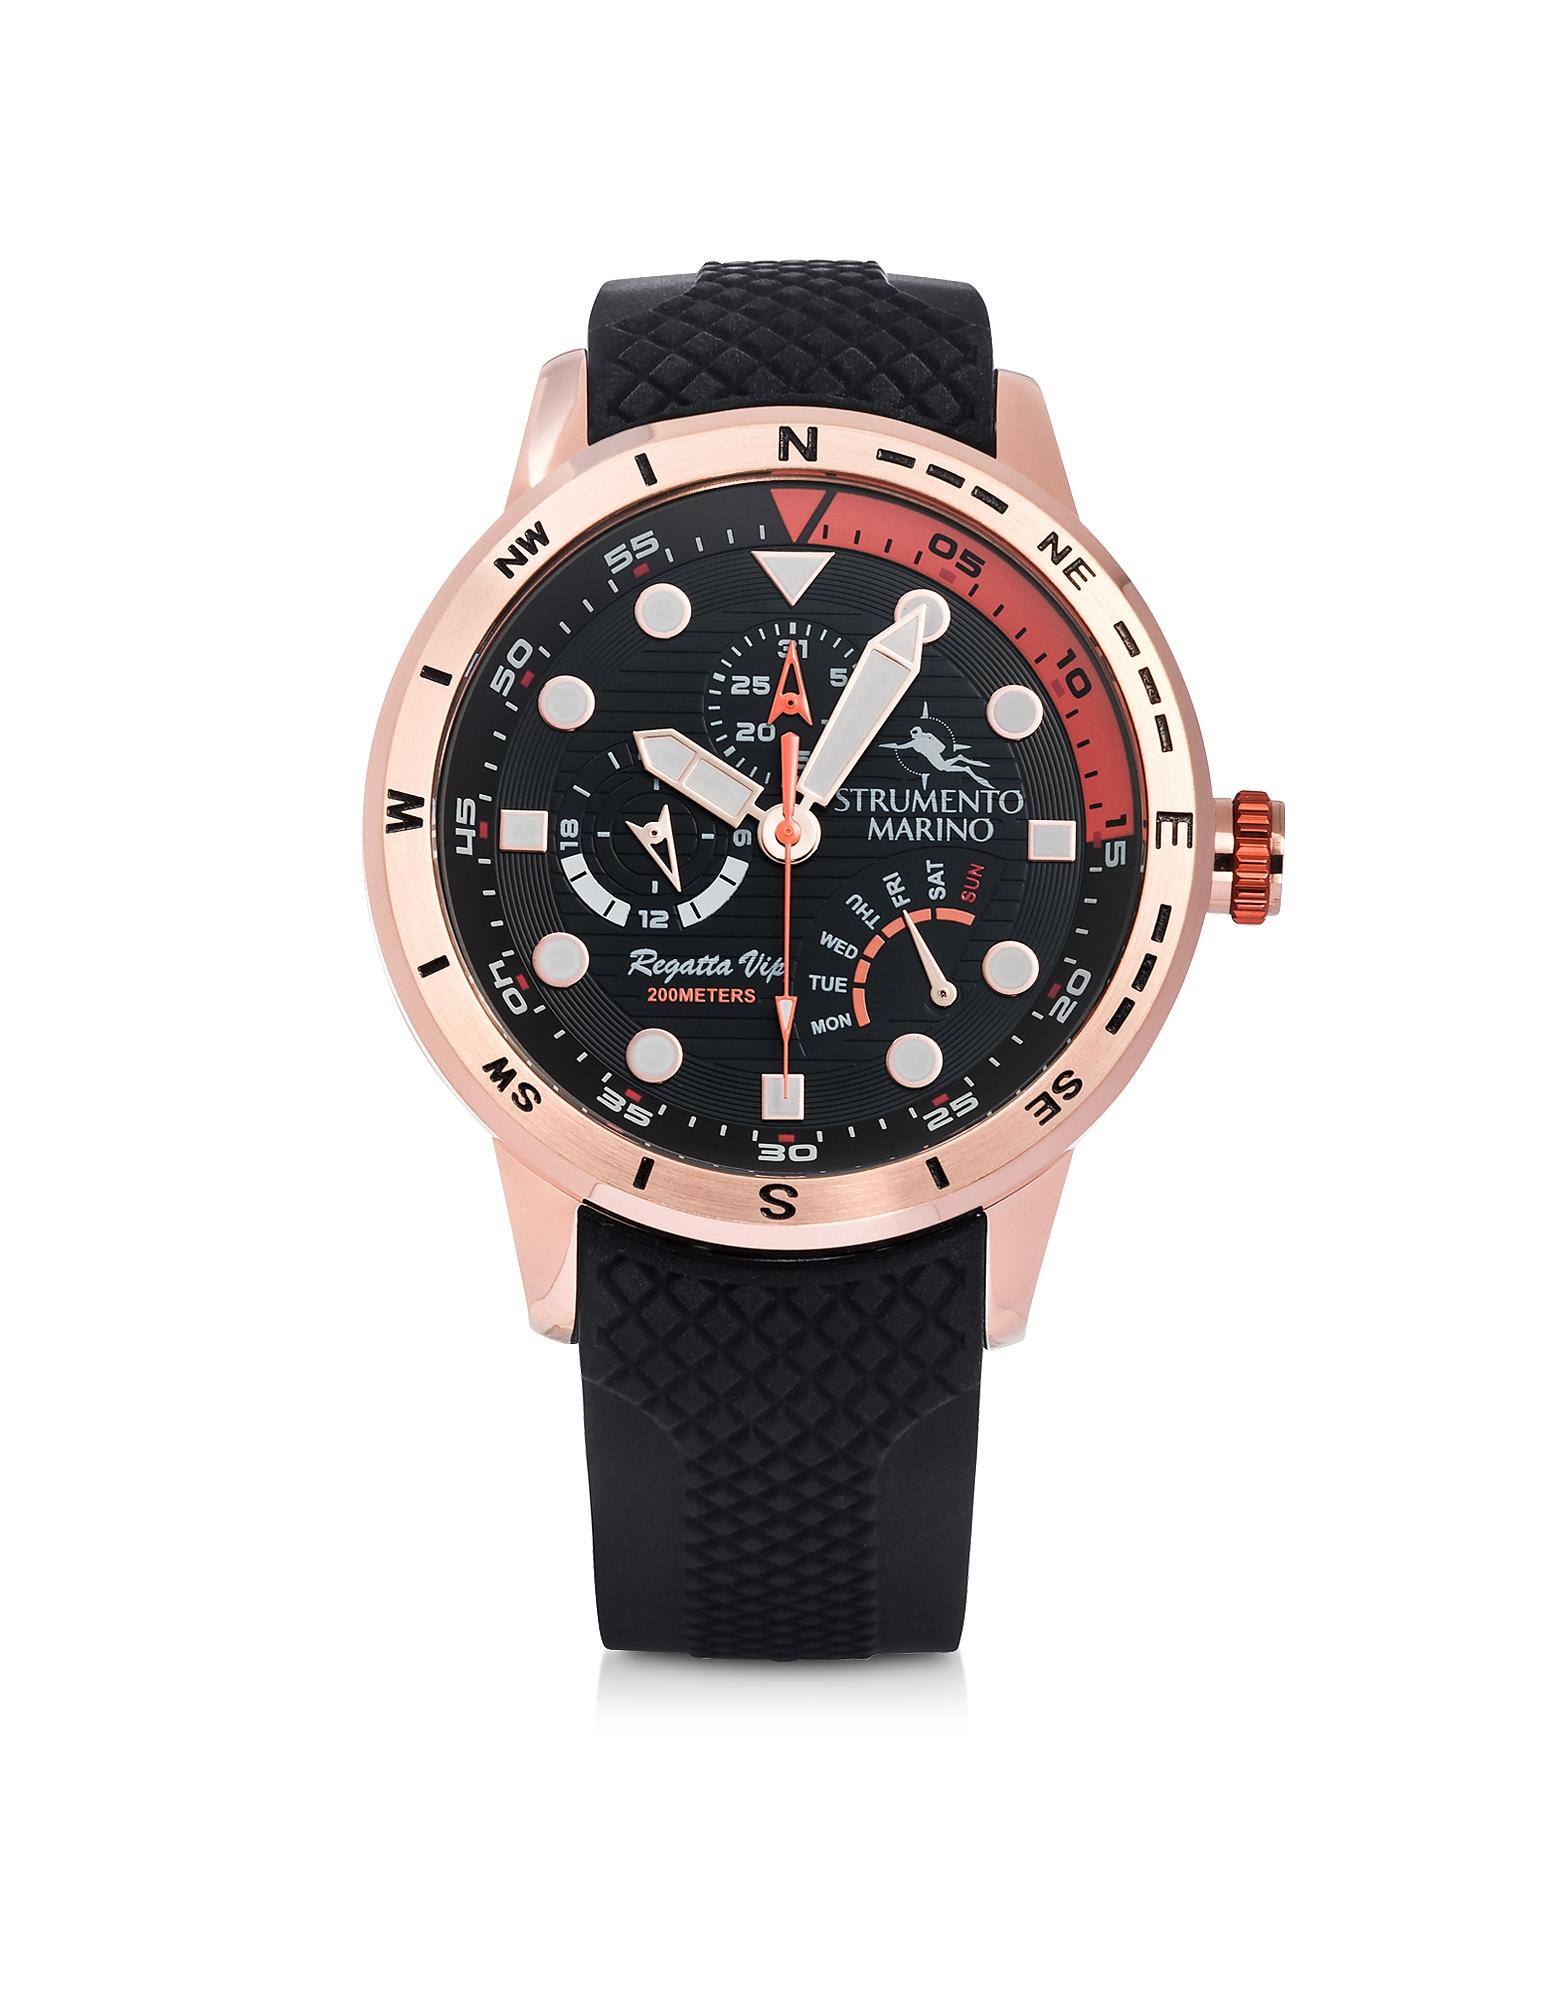 Strumento Marino Men's Watches, Regatta Vip Stainless Steel Watch